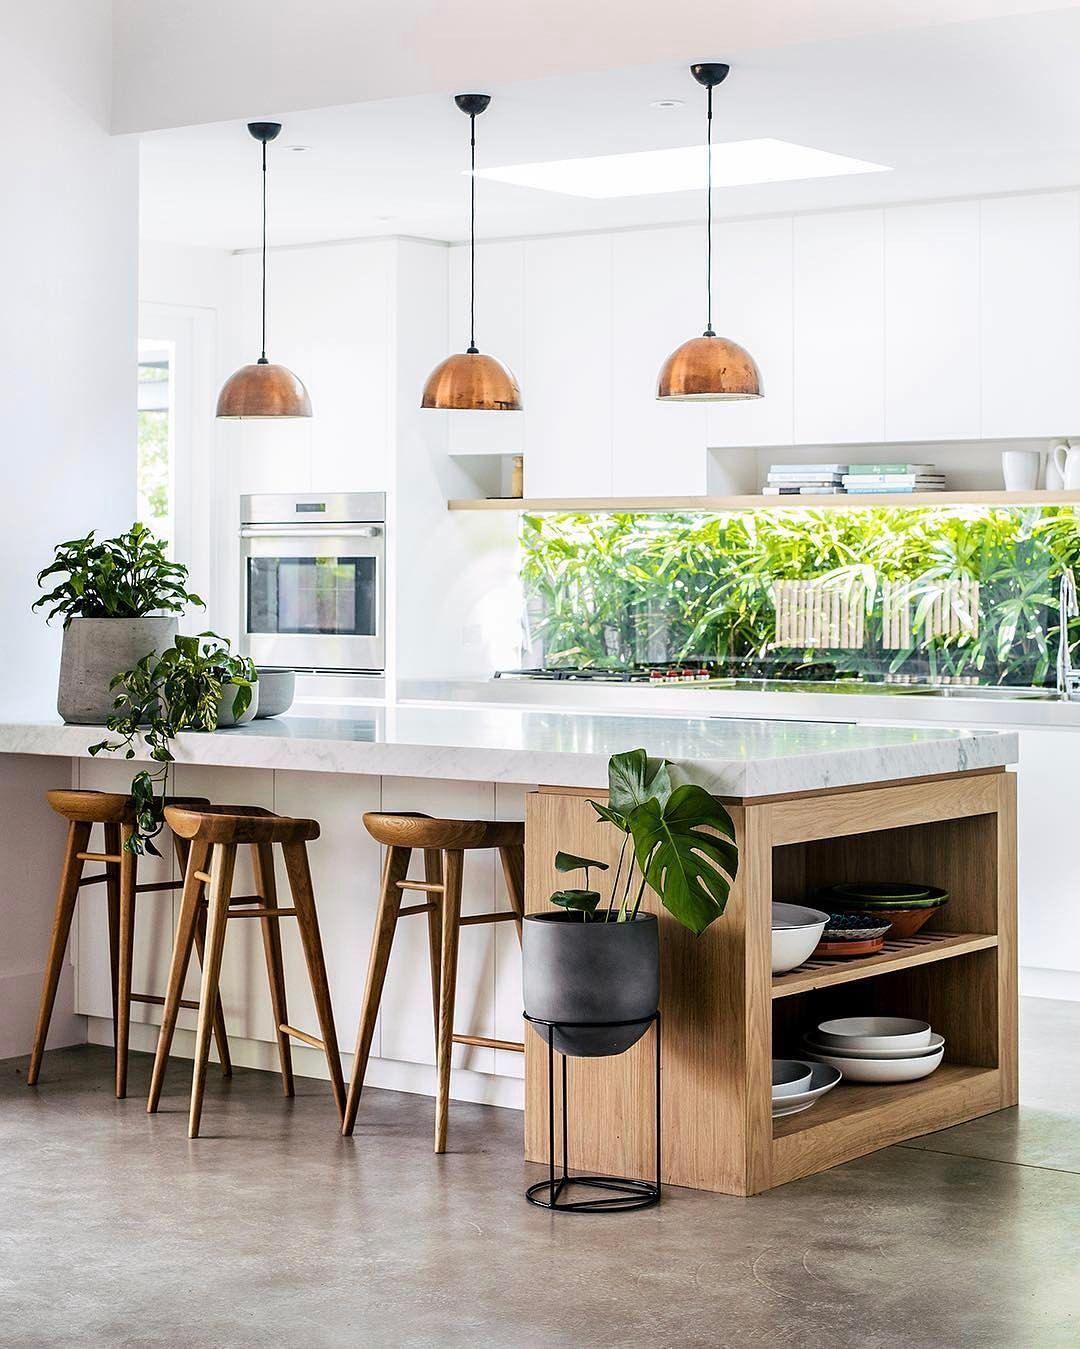 Pin de Sol Lopez en Casa | Pinterest | Cocinas, Casas de campo y Hogar